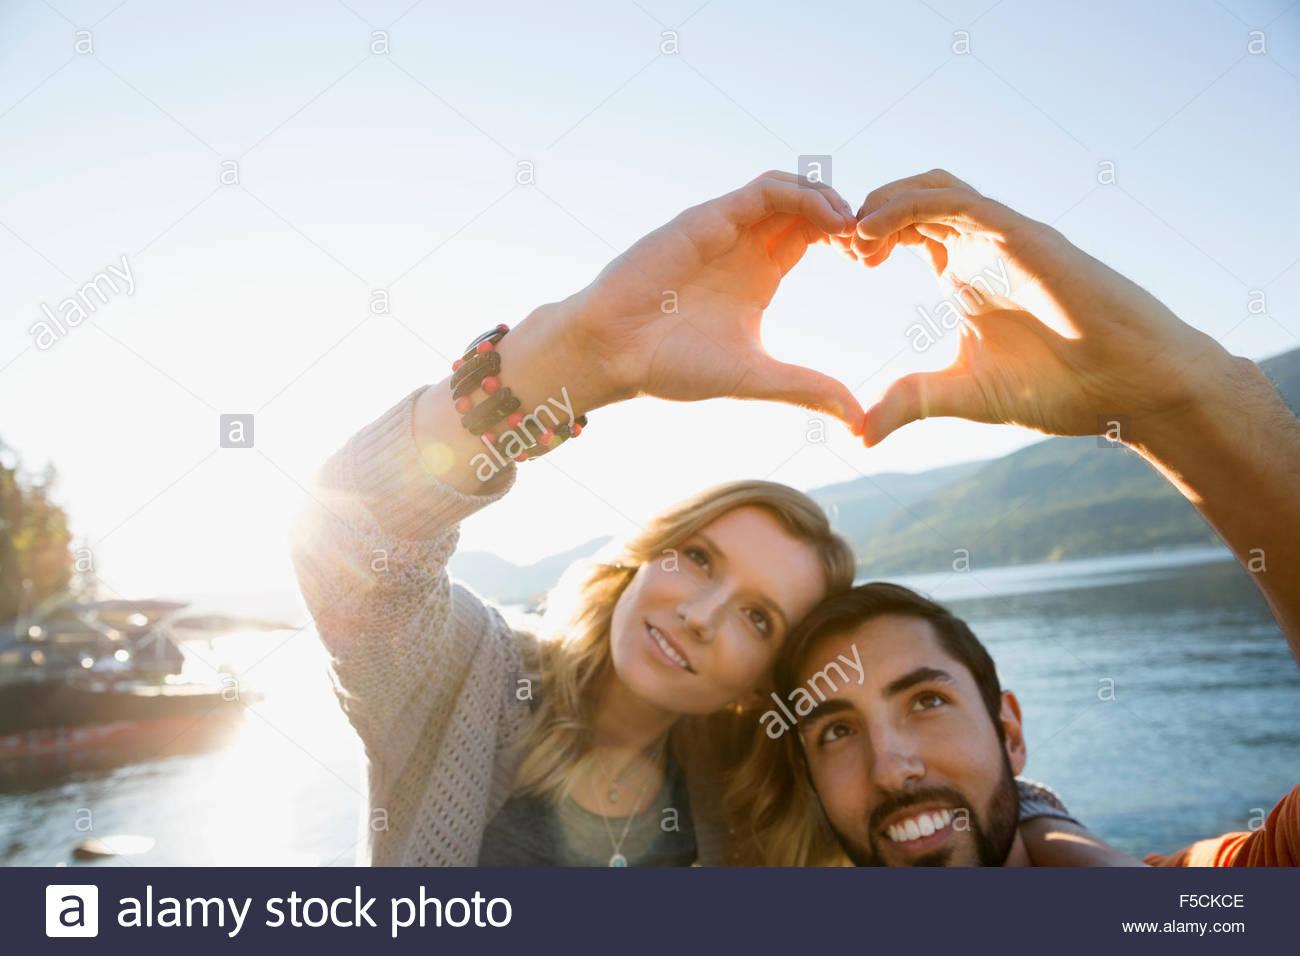 Pareja joven formando forma de corazón con manos lakeside Imagen De Stock